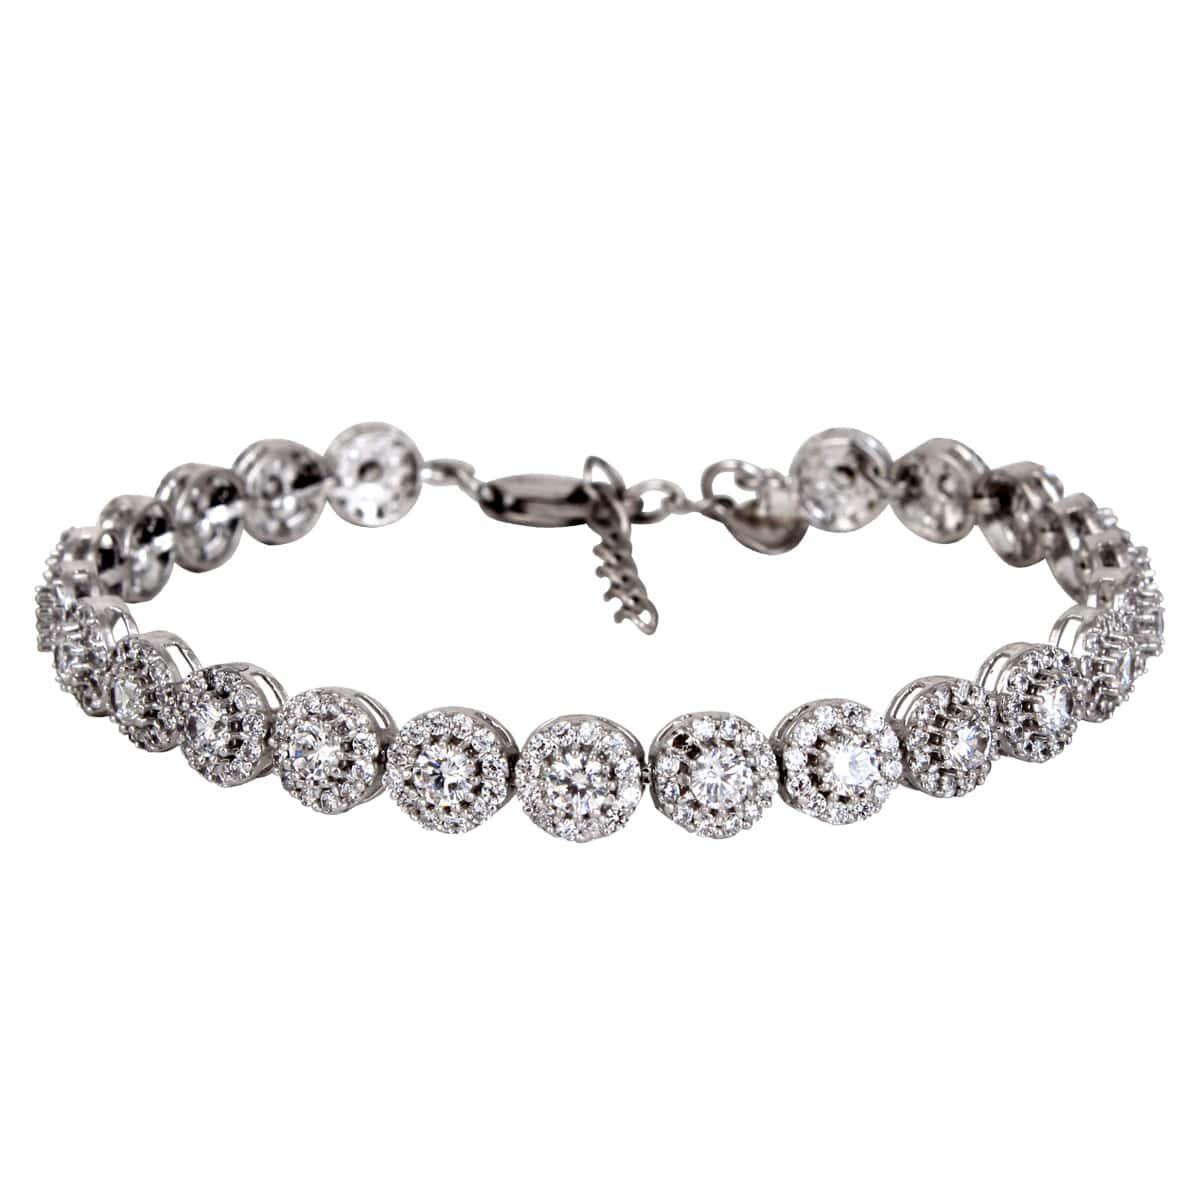 خرید دستبند نقره دخترانه نگین دار مدل آلیس